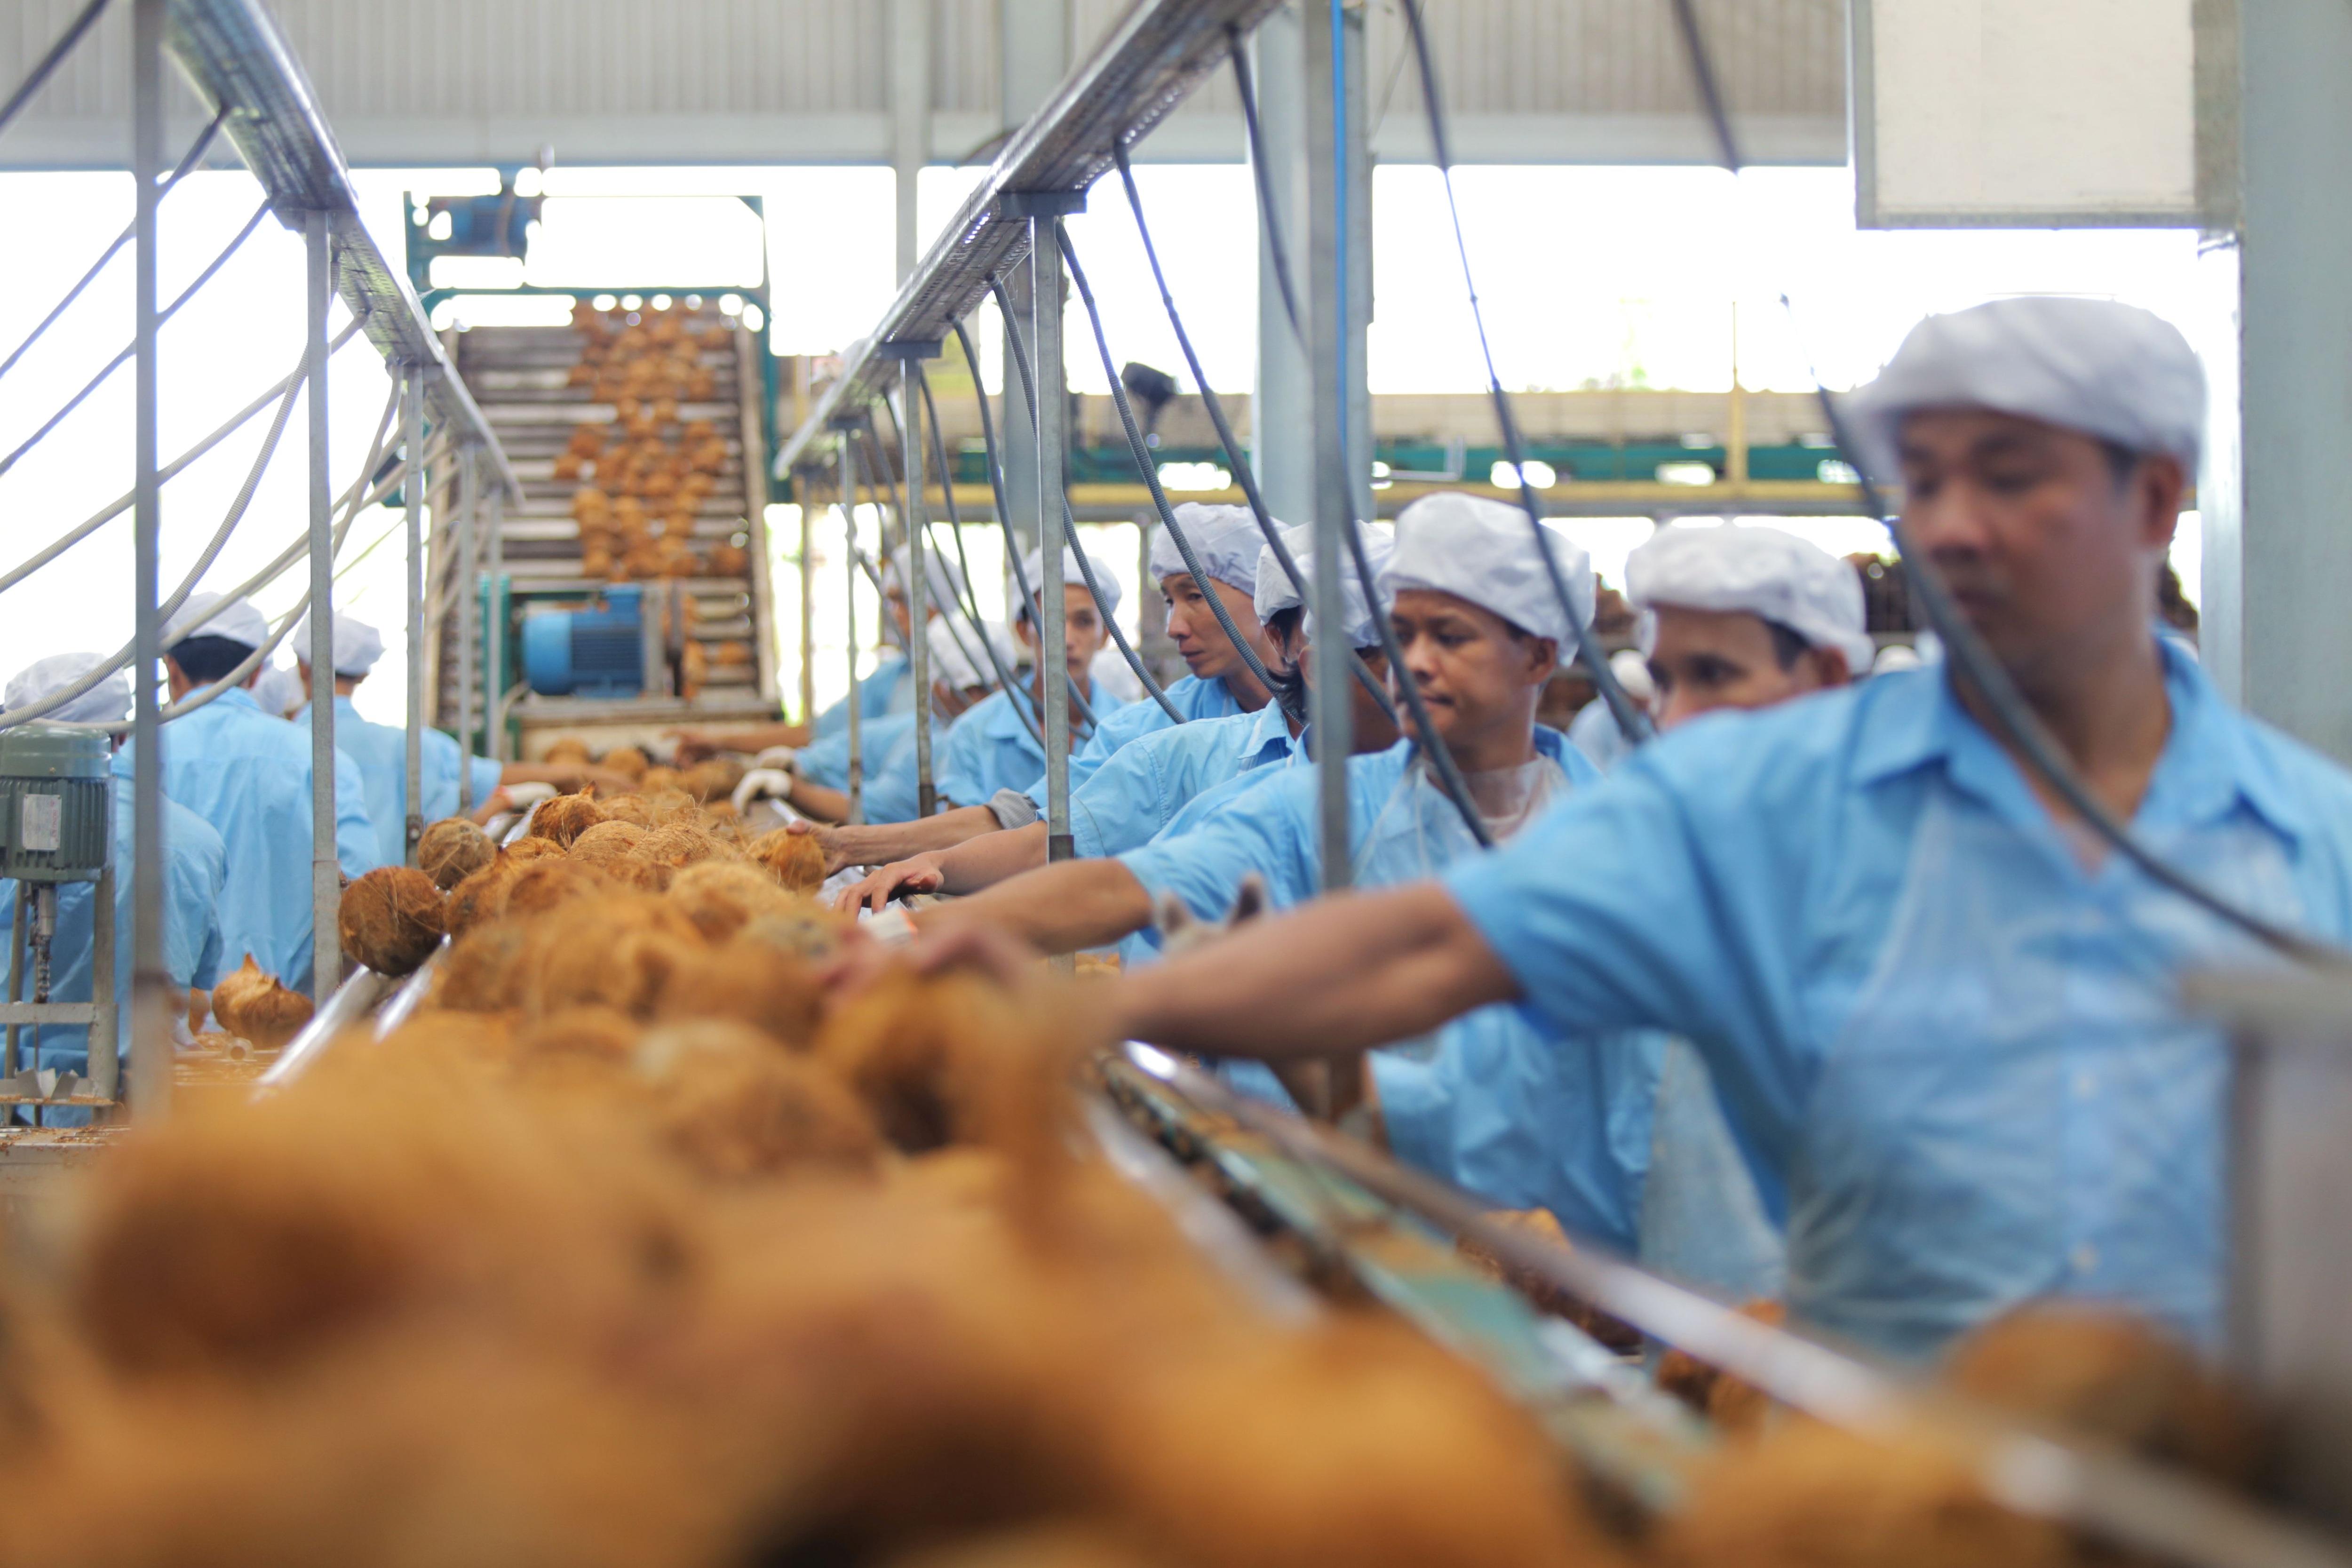 Nước dừa đóng hộp đầu tiên tại Việt Nam sử dụng dây chuyền công nghệ hàng đầu thế giới - 1